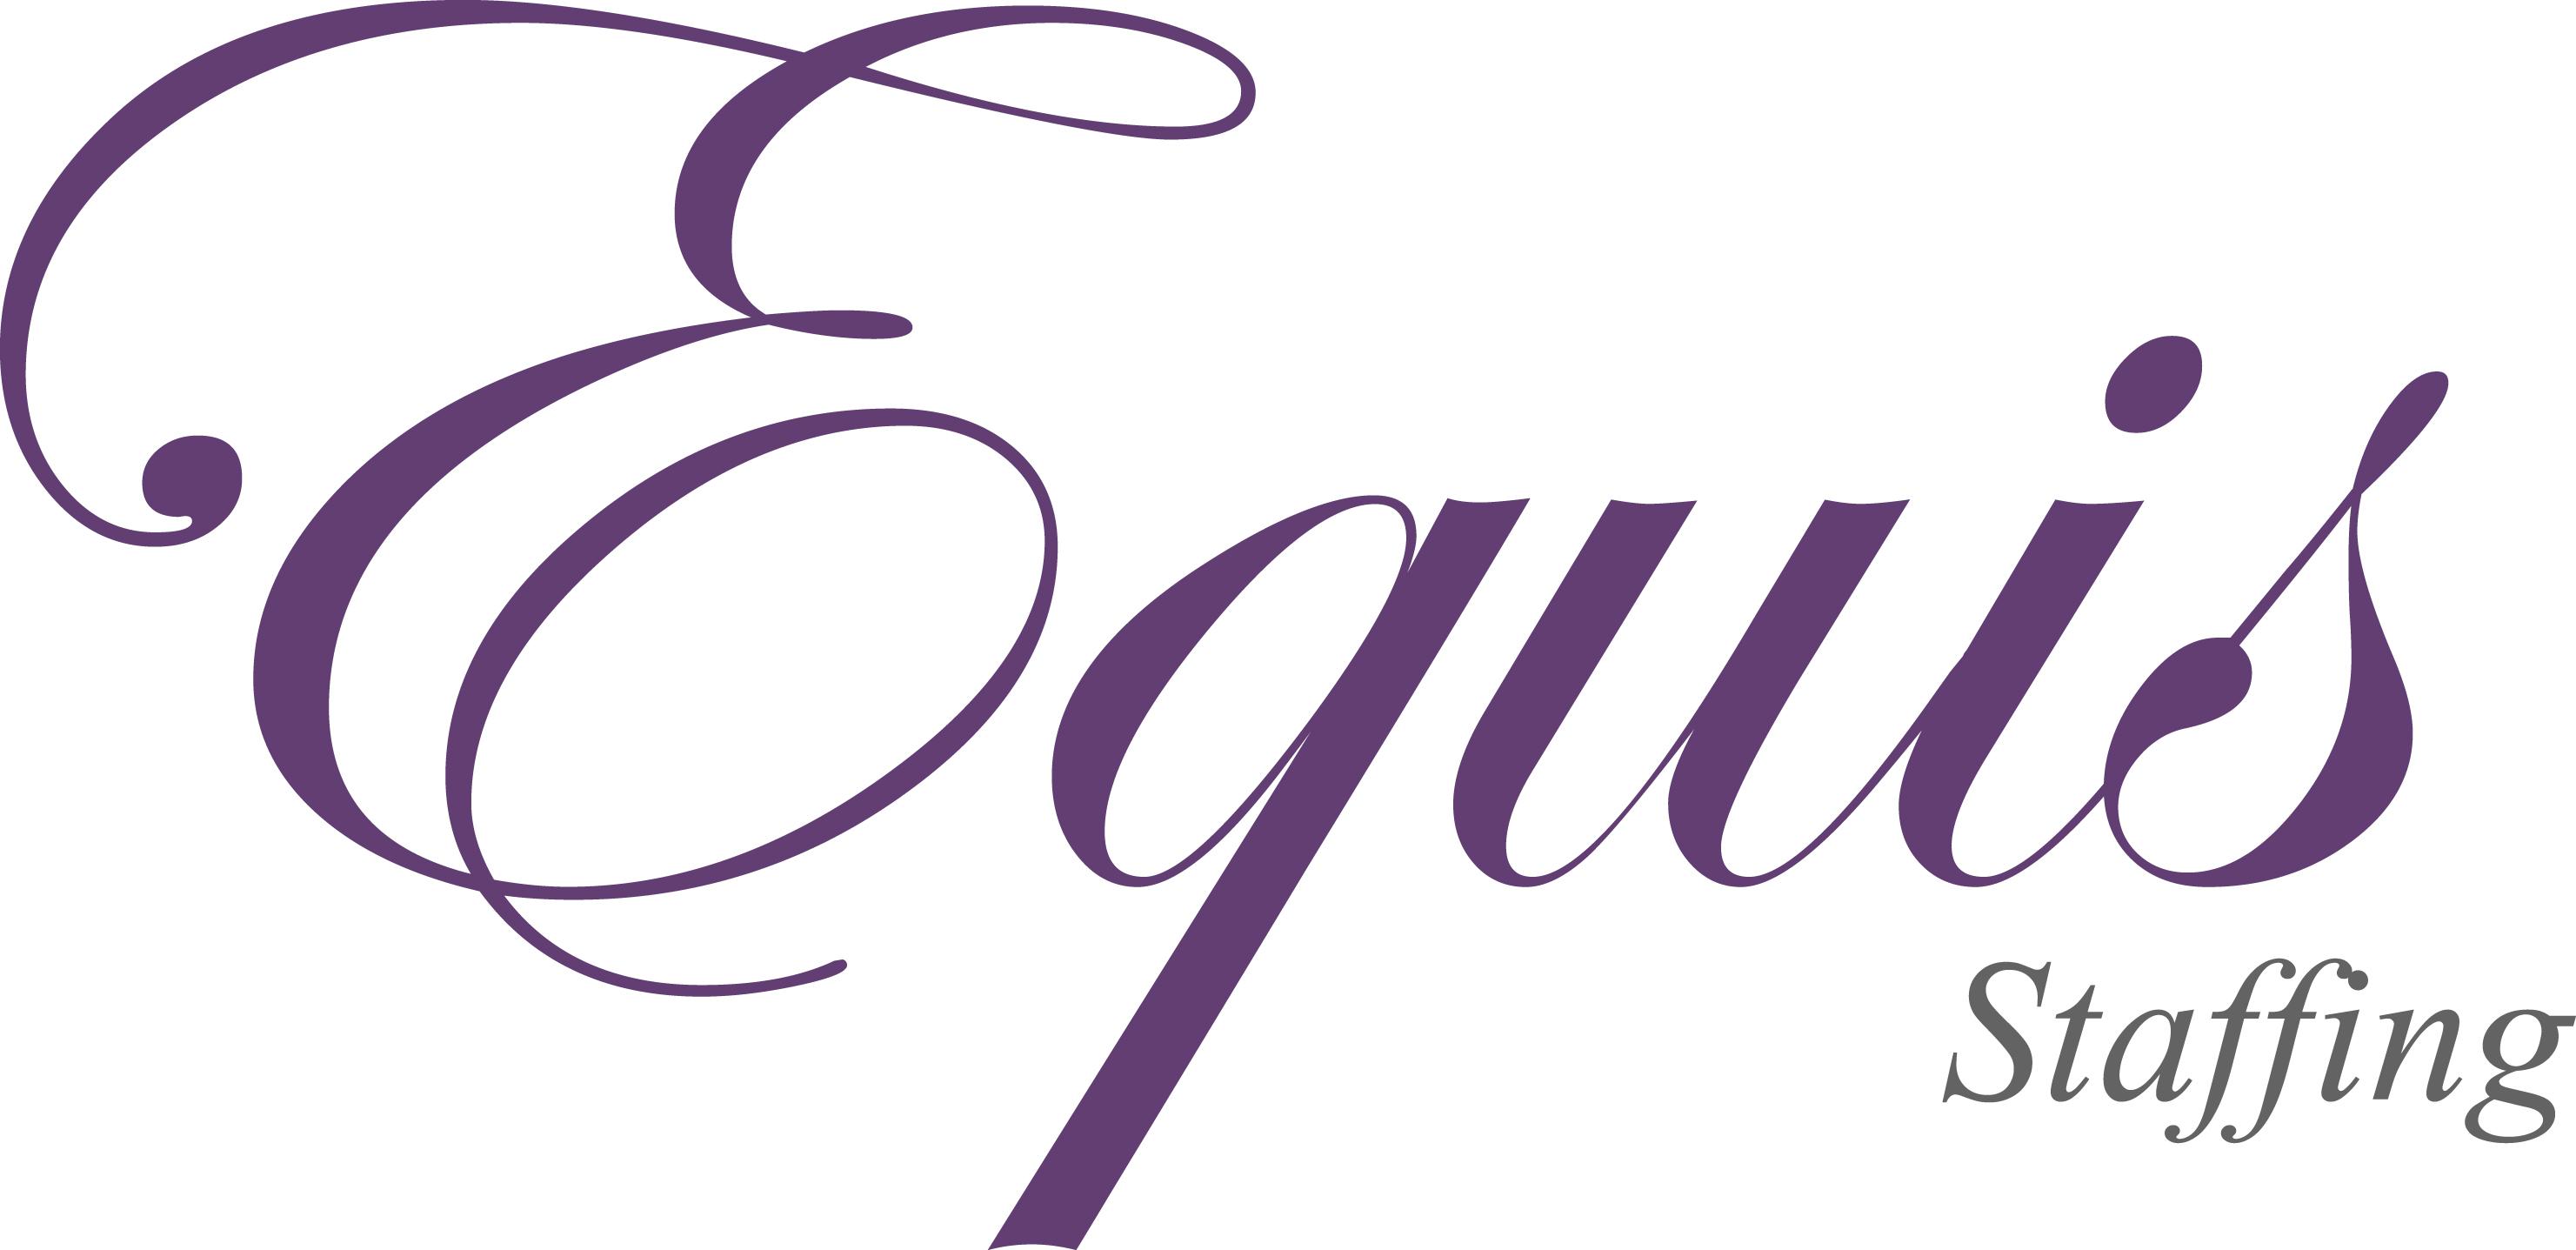 Equis Staffing logo